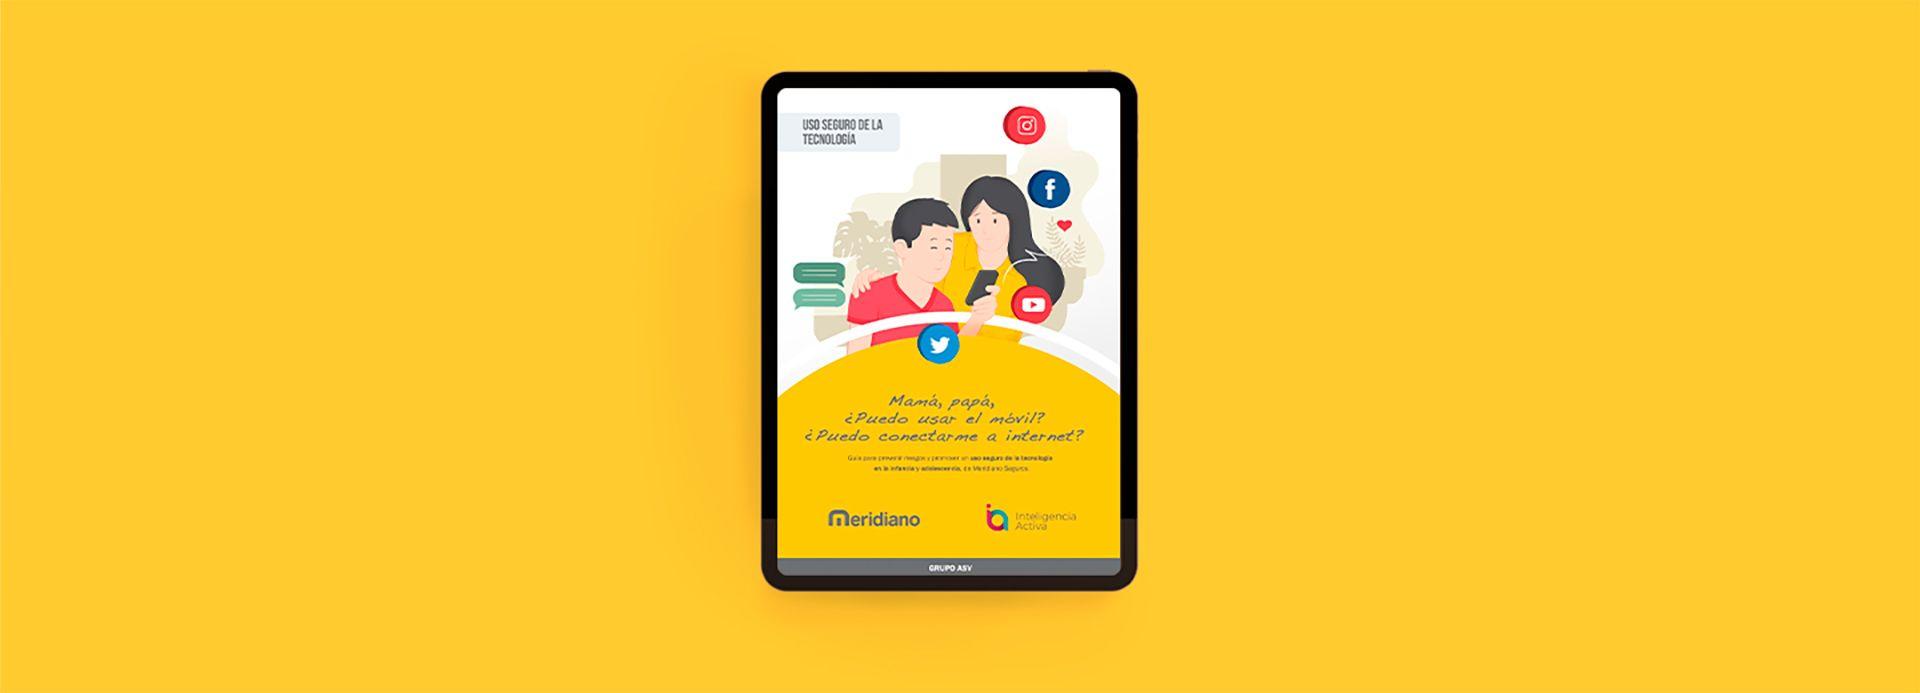 Meridiano lanza una guía para promover un uso seguro de la tecnología en la infancia y la adolescencia